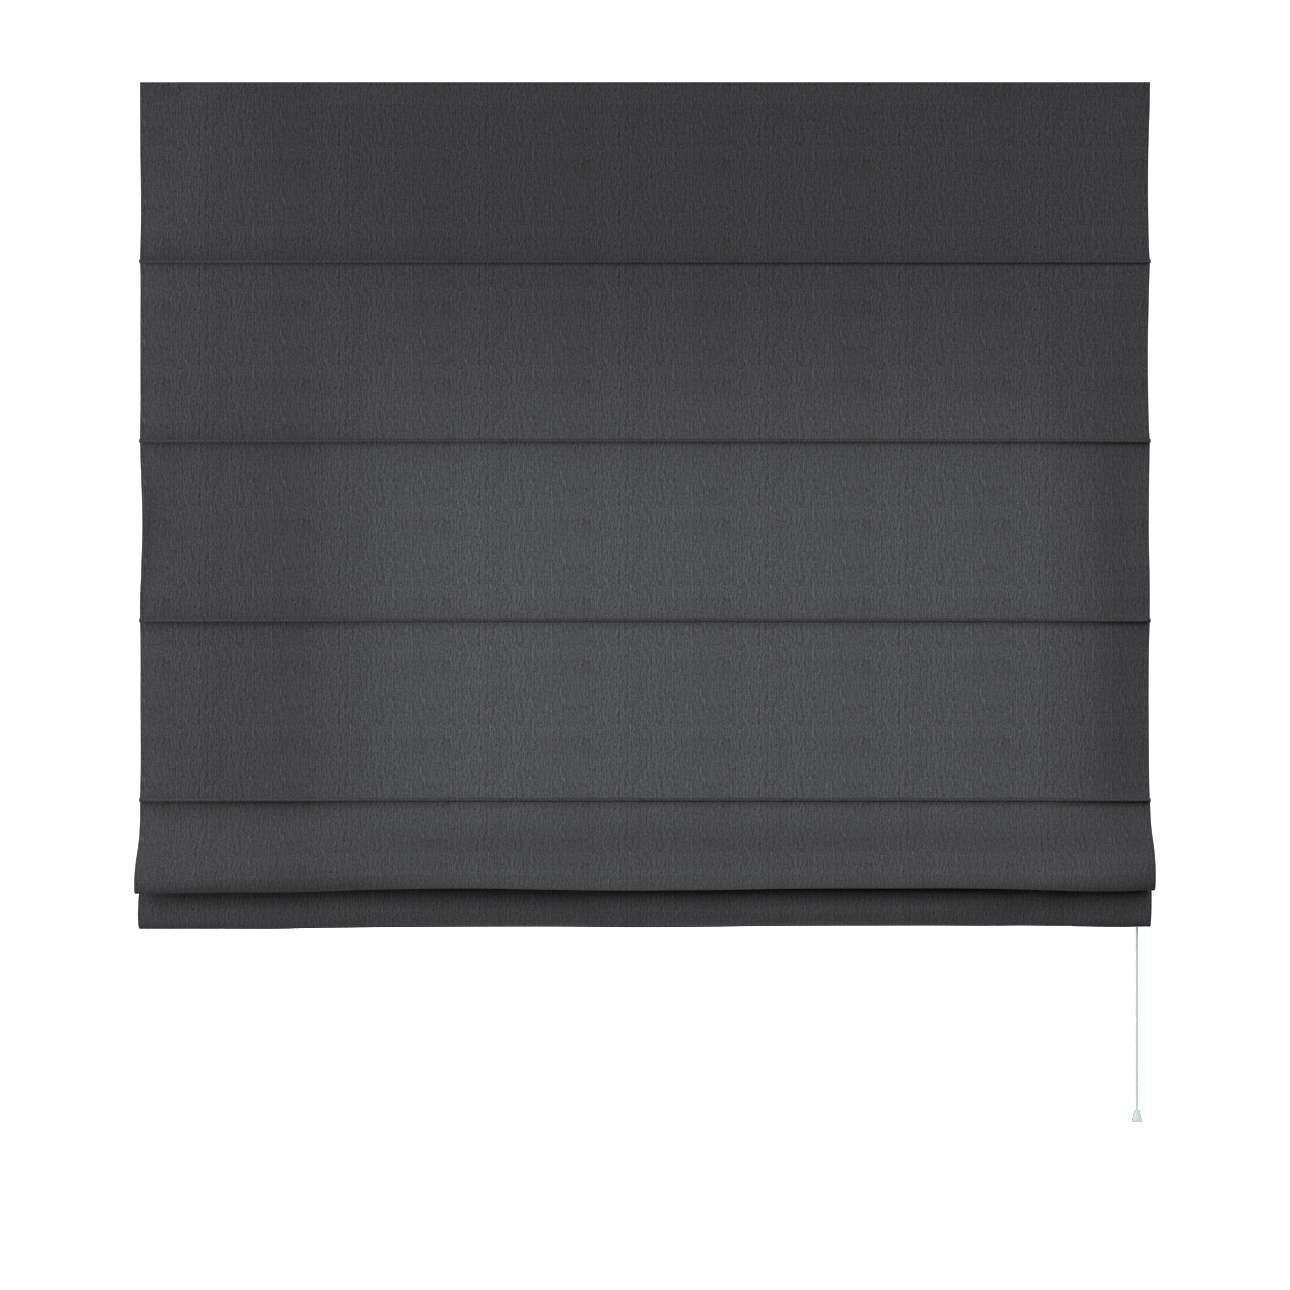 Romanetės Capri 80 x 170 cm (plotis x ilgis) kolekcijoje Chenille, audinys: 702-20